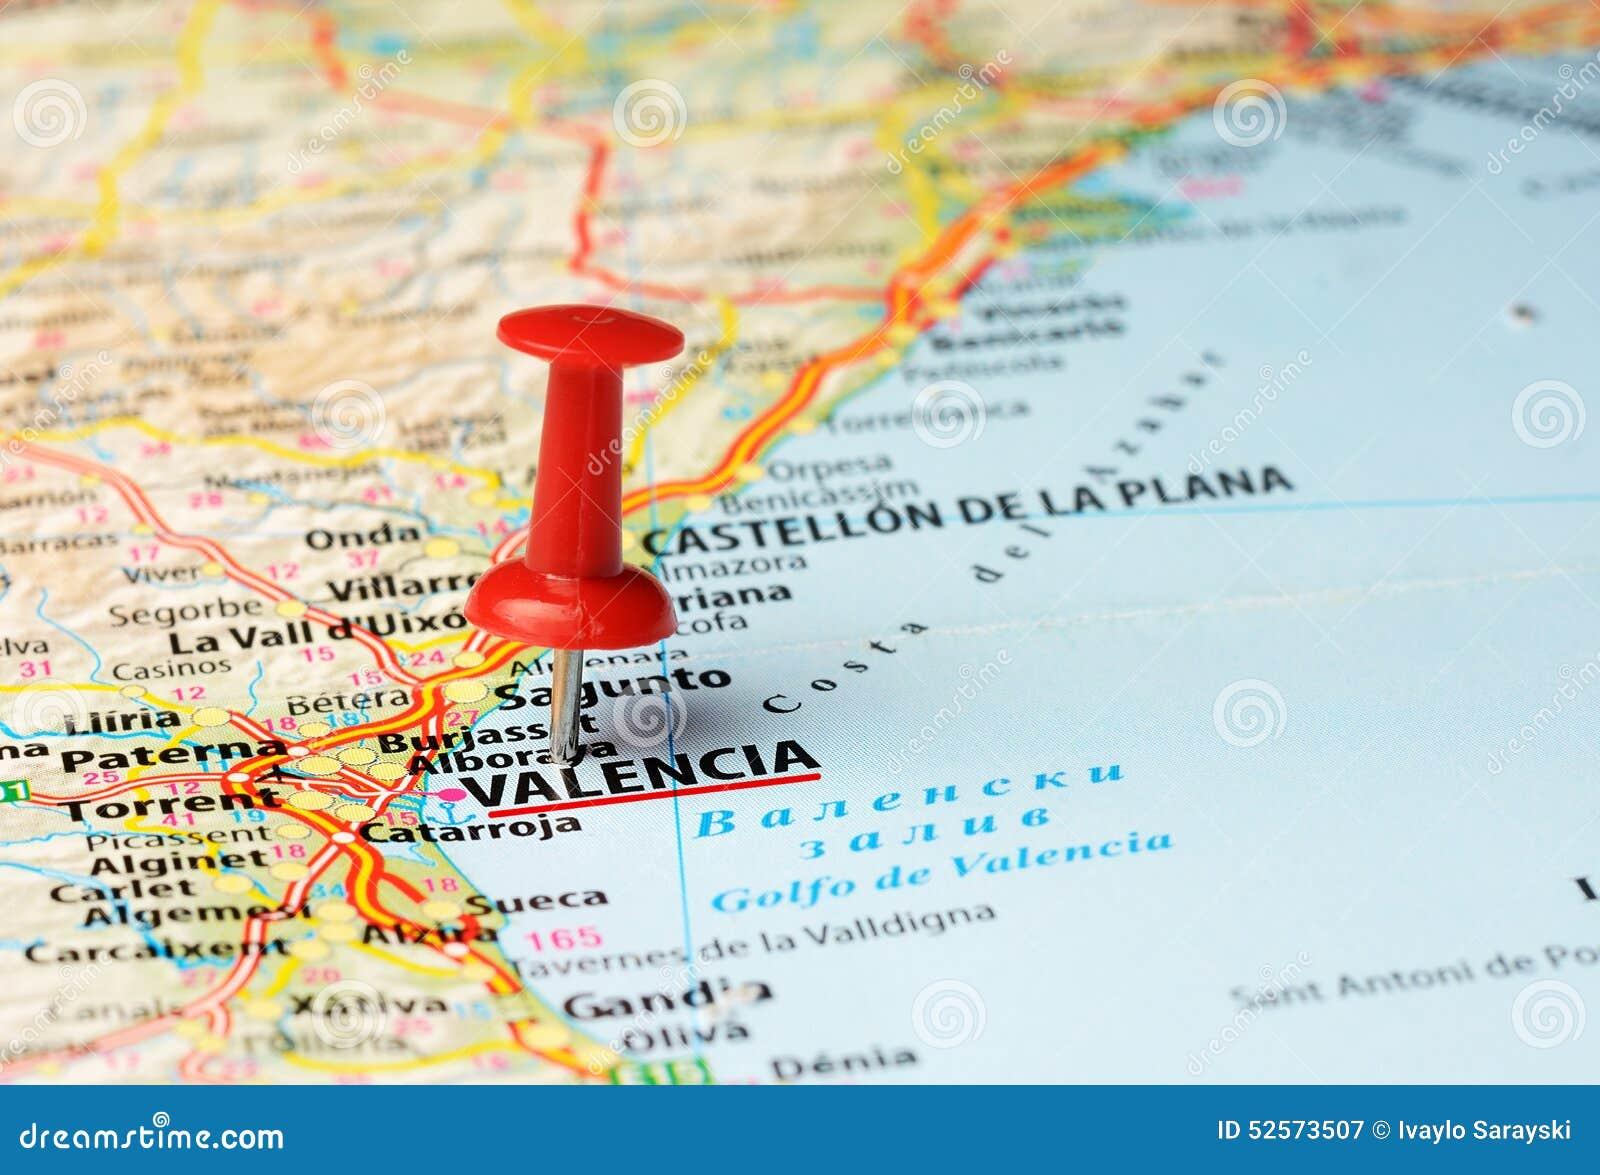 Mapa De Valencia España.Mapa De Valencia Espana Imagen De Archivo Imagen De Empuje